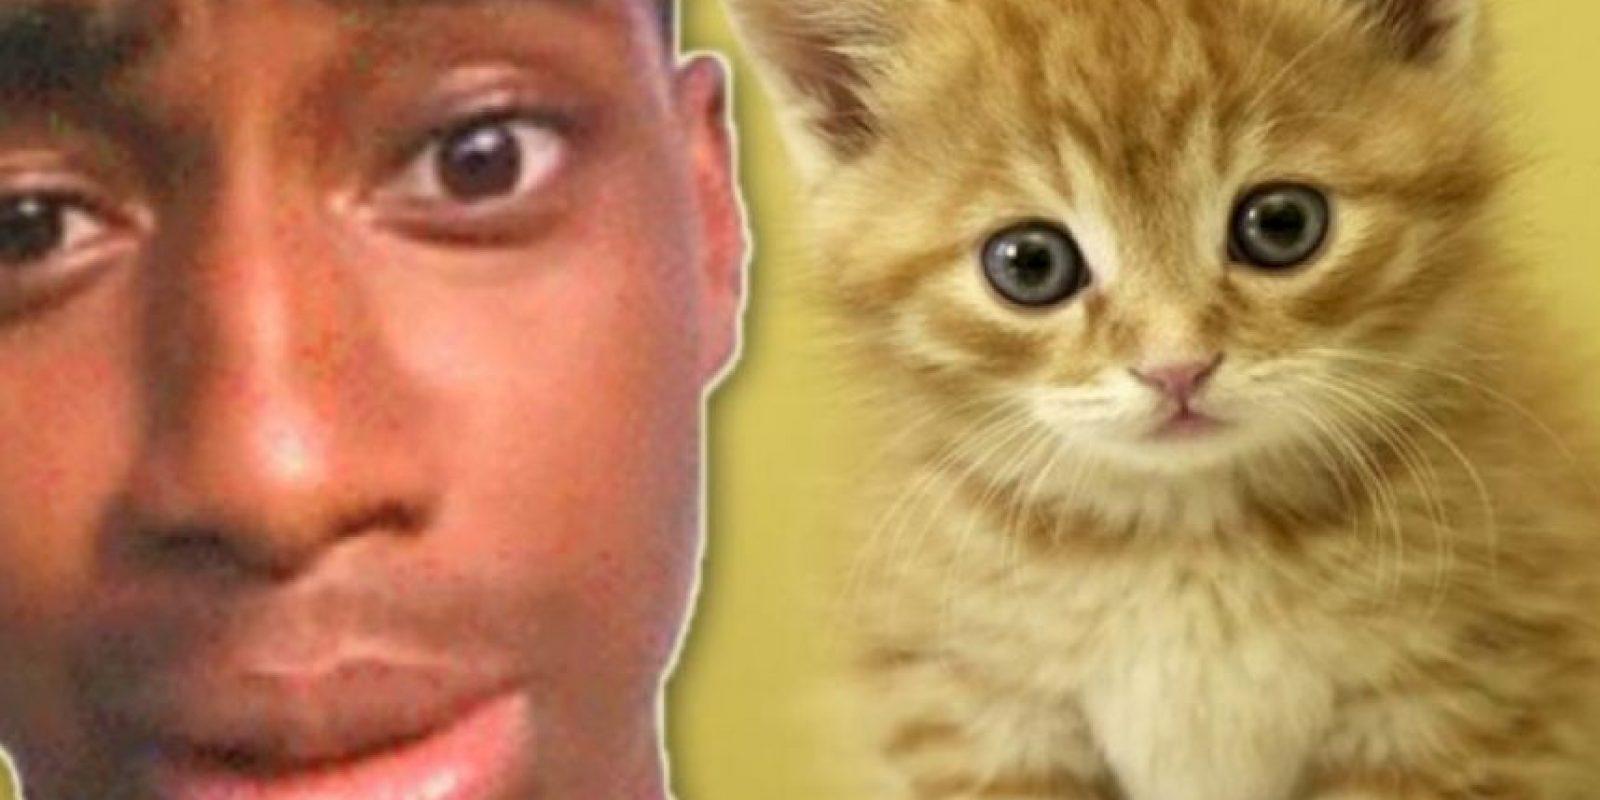 """2. Pateó a su pequeño gatito: Walter Easley se ganó el odio de Internet cuando tuvo la """"brillante idea"""" de grabarse a sí mismo pateando a su gatito. Inicialmente se burló de los comentarios de odio en Twitter diciendo: """"lol, ahora tengo algo con lo qué reírme todo el día"""". Pero el video se volvió viral y a él lo arrestaron. Tuvo que pasar 60 días en prisión. El gatito no sufrió ningún daño, pero a su dueño le quitaron la custodia. Foto:vía Oddee"""